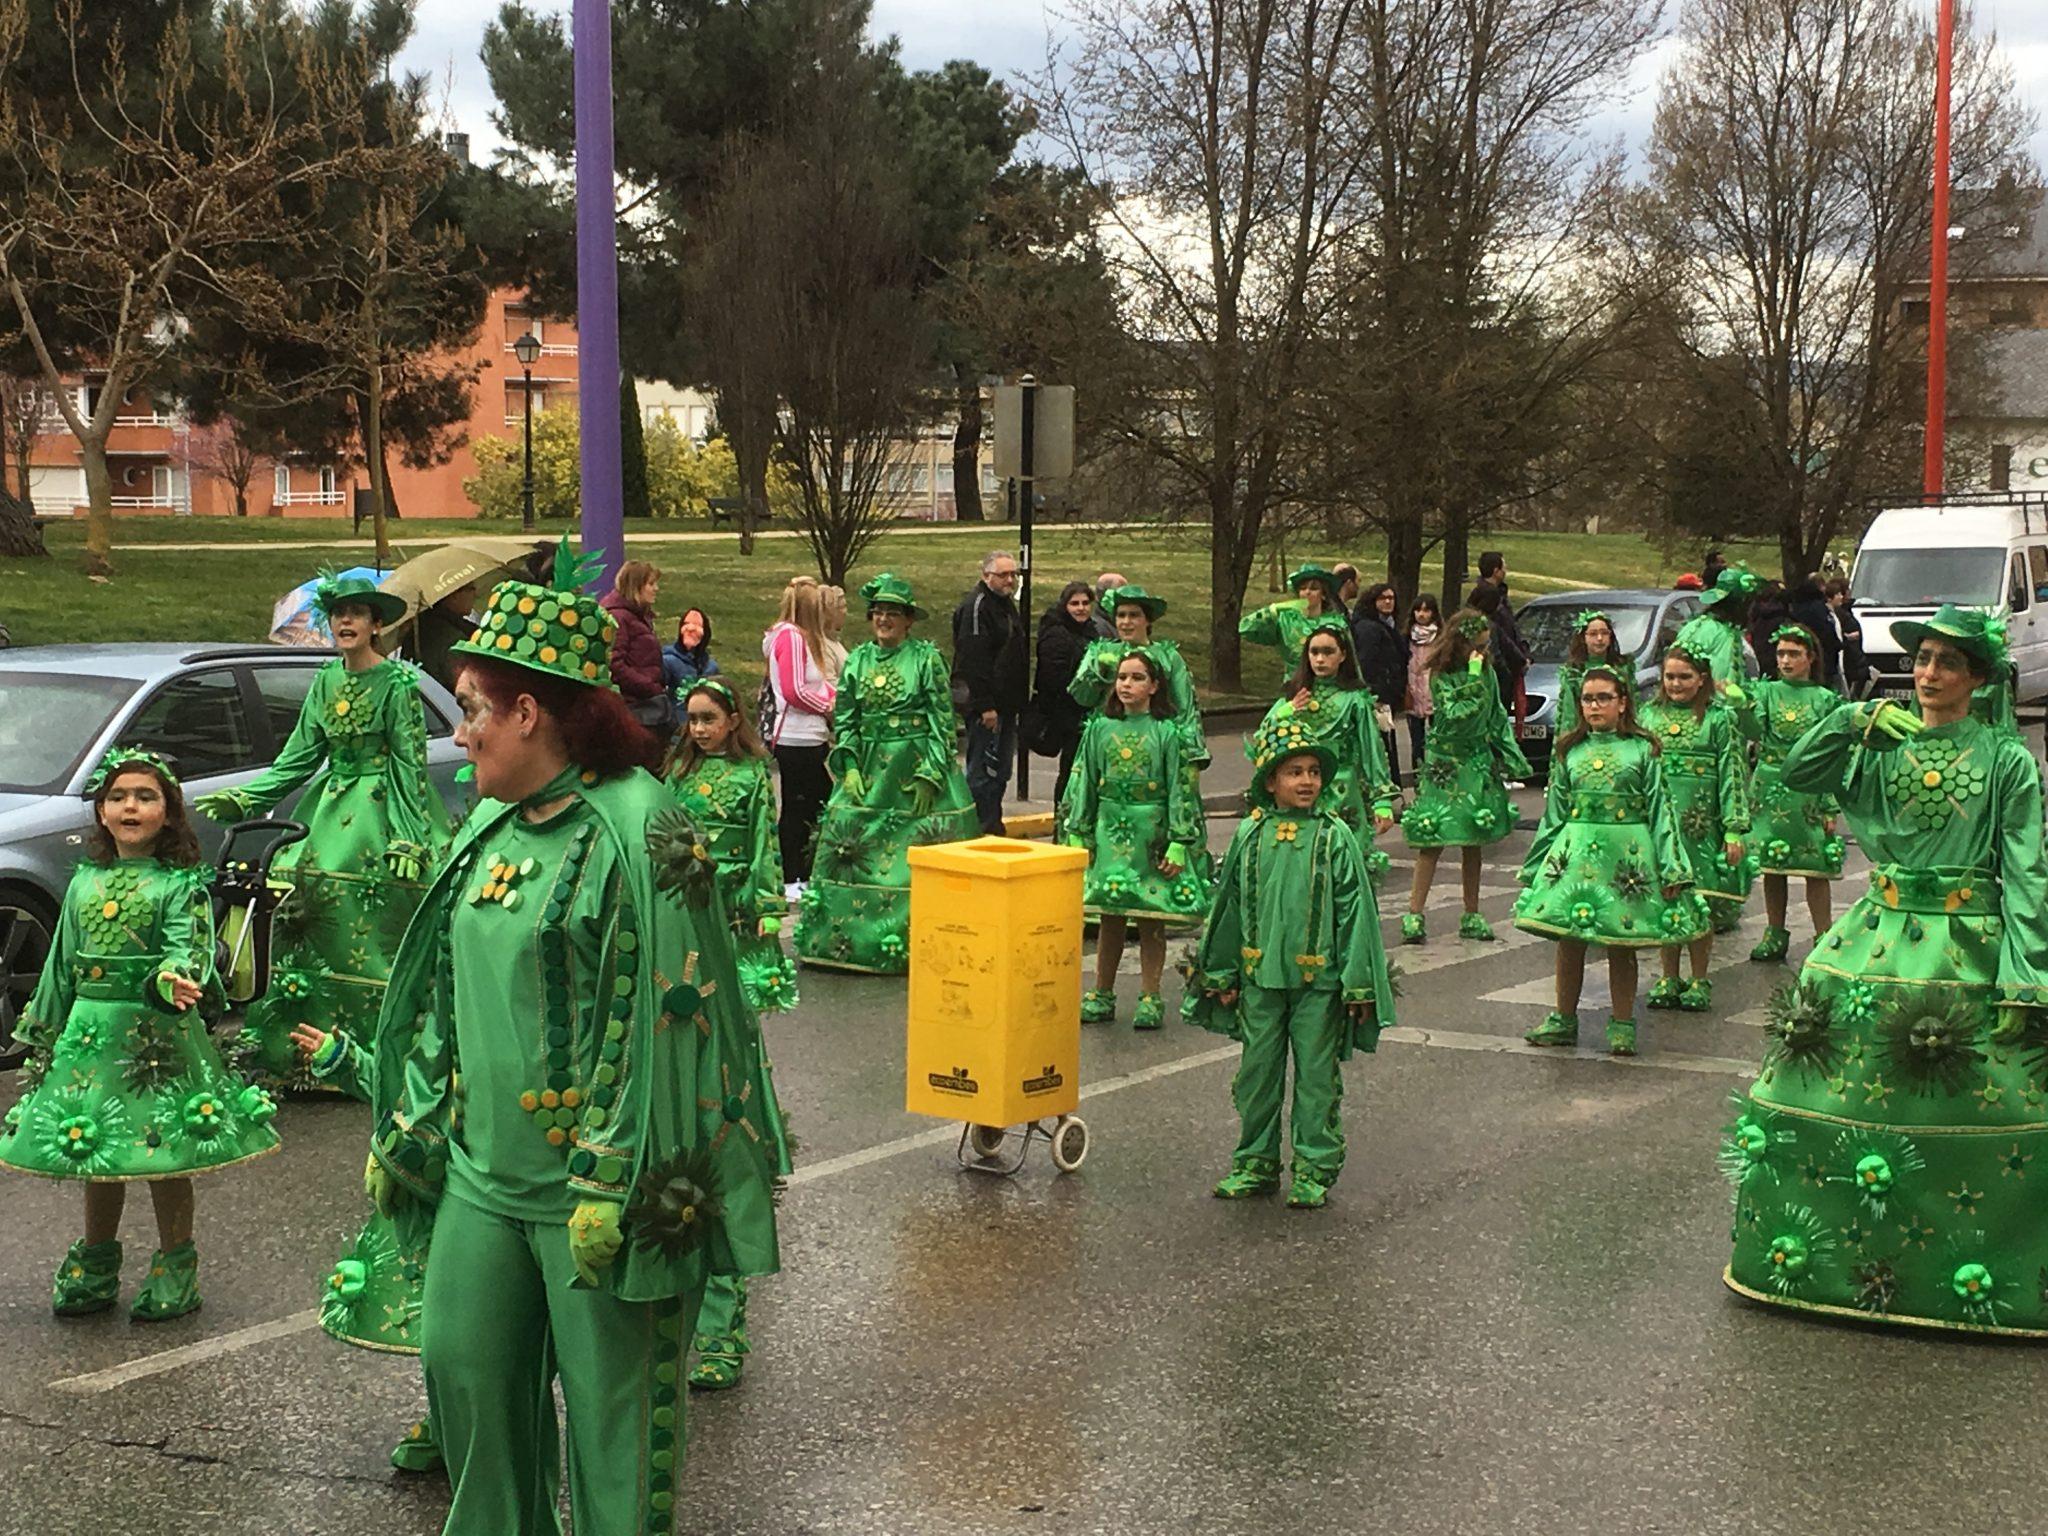 Álbum de fotos del martes de Carnaval 2019 en Ponferrada 50